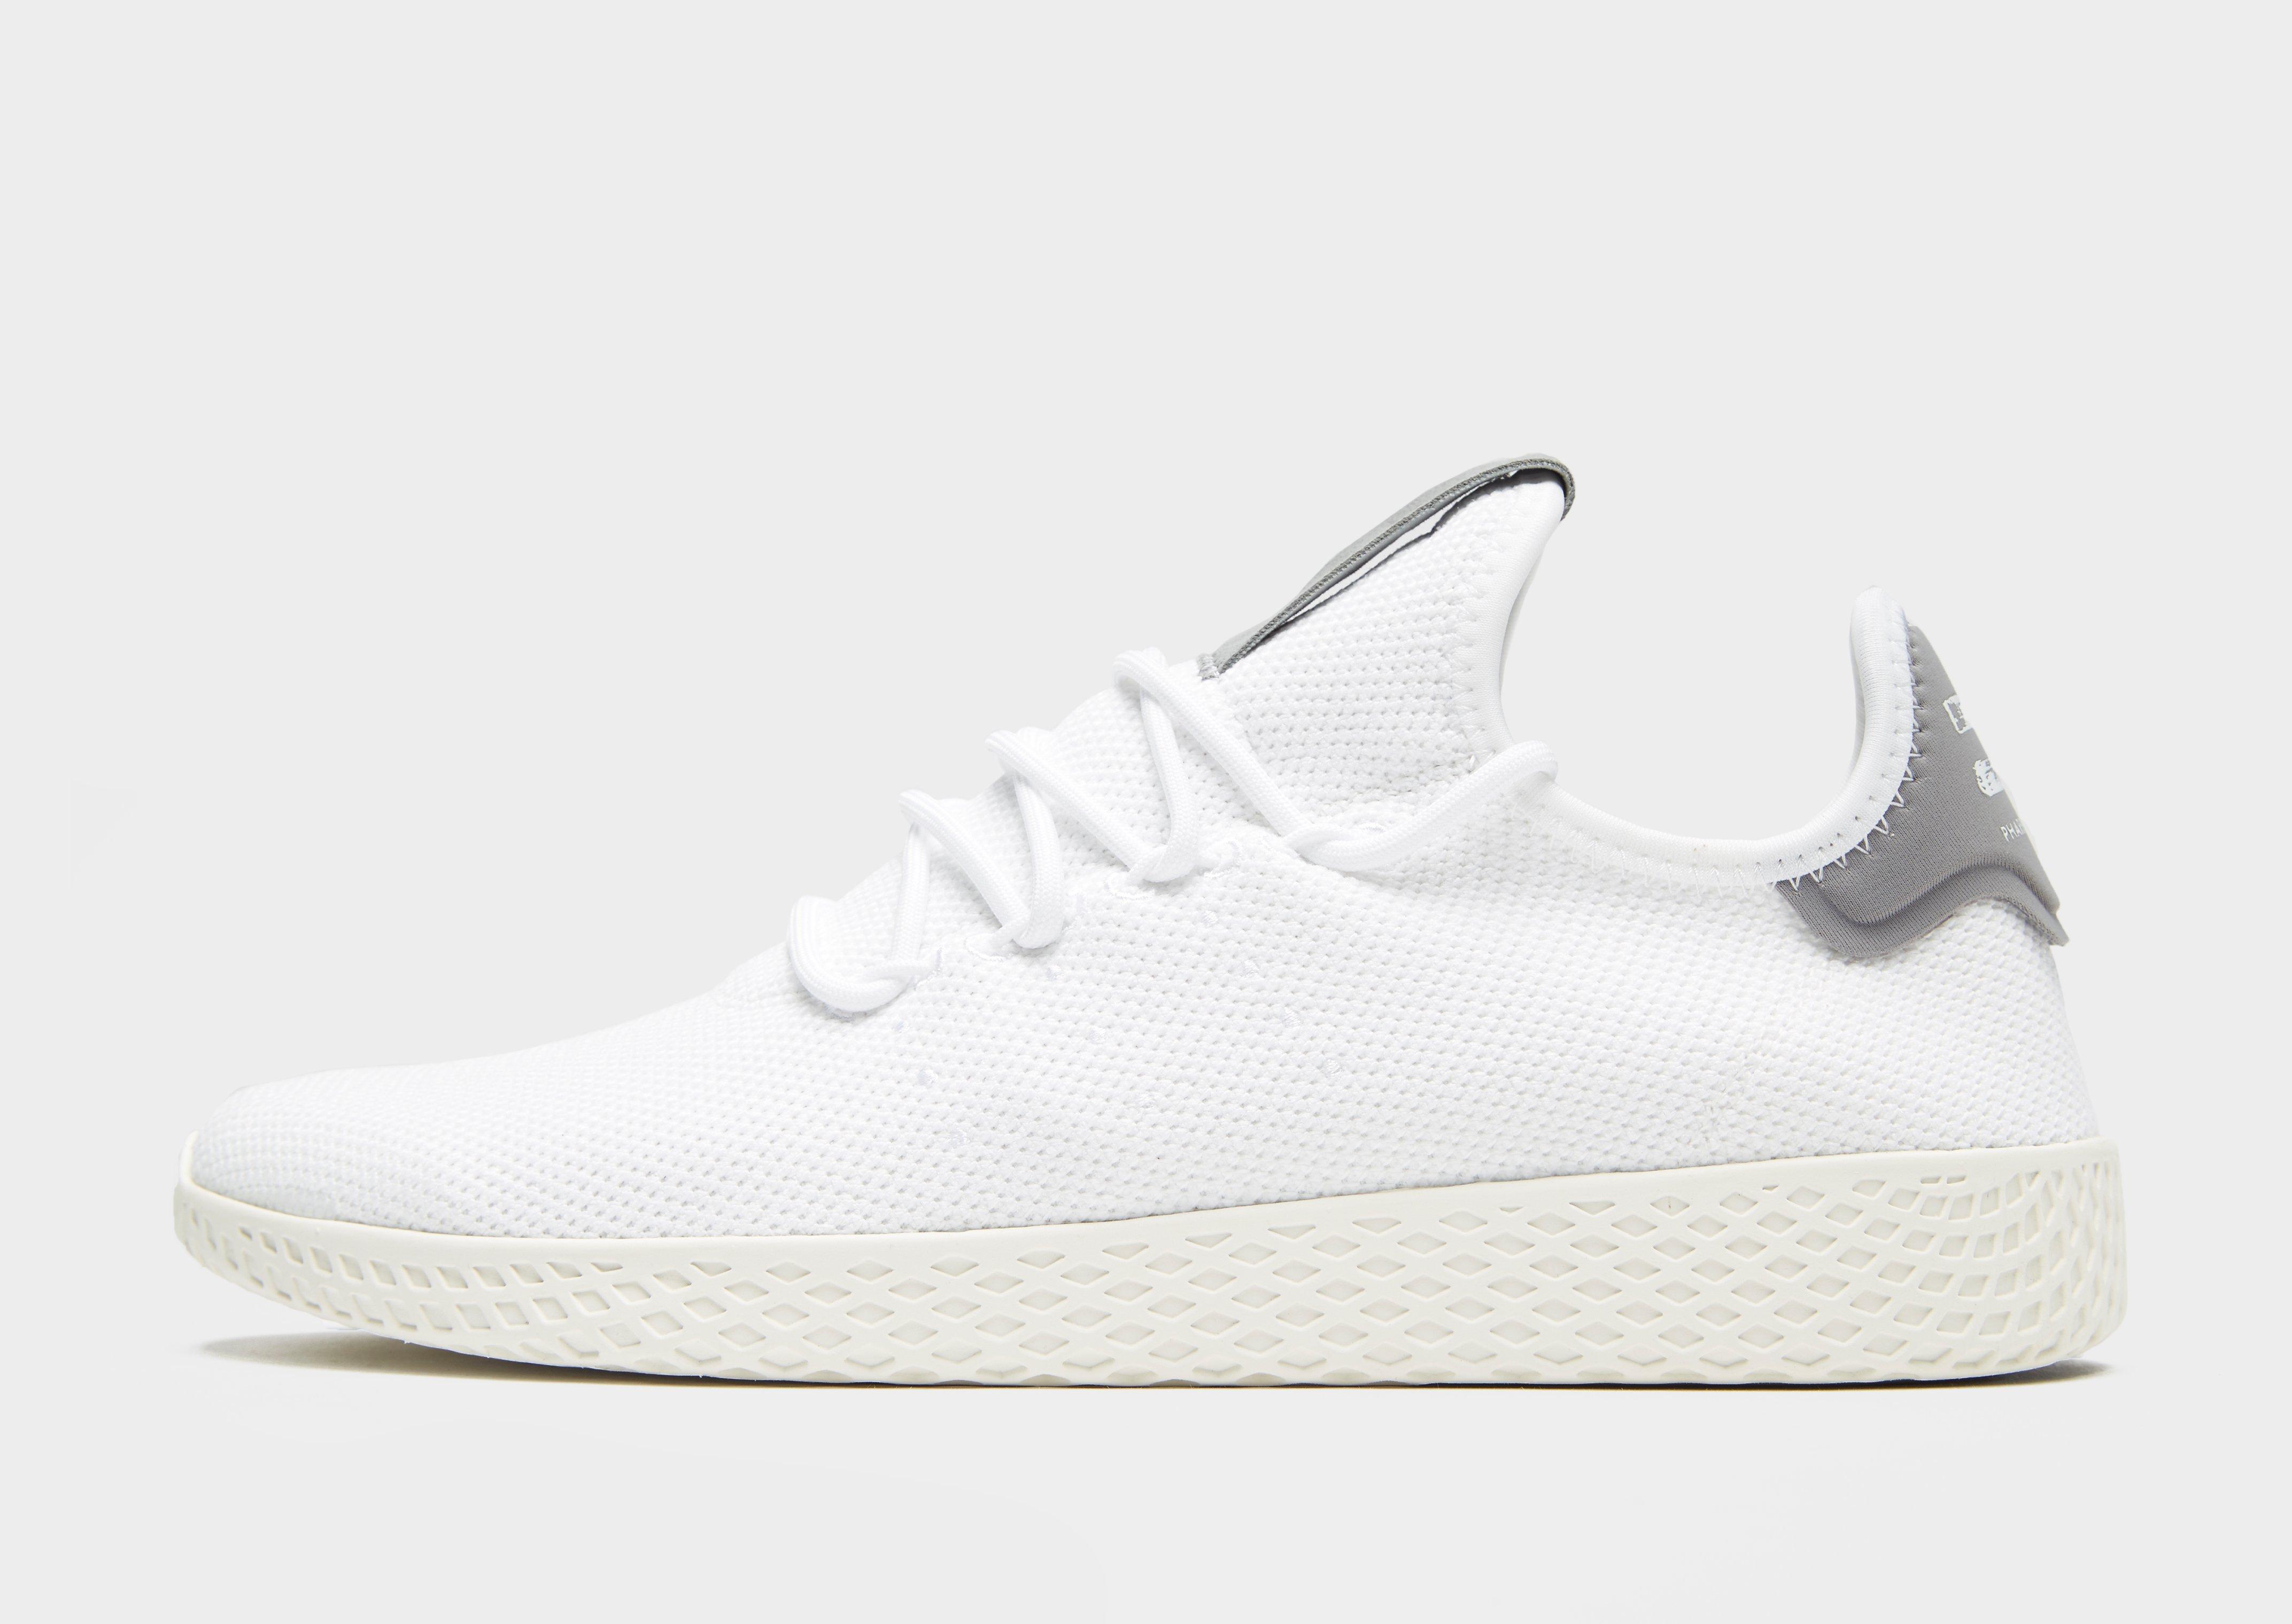 f0c715ea183d5 adidas Originals X Pharrell Williams Tennis Hu in White for Men - Lyst